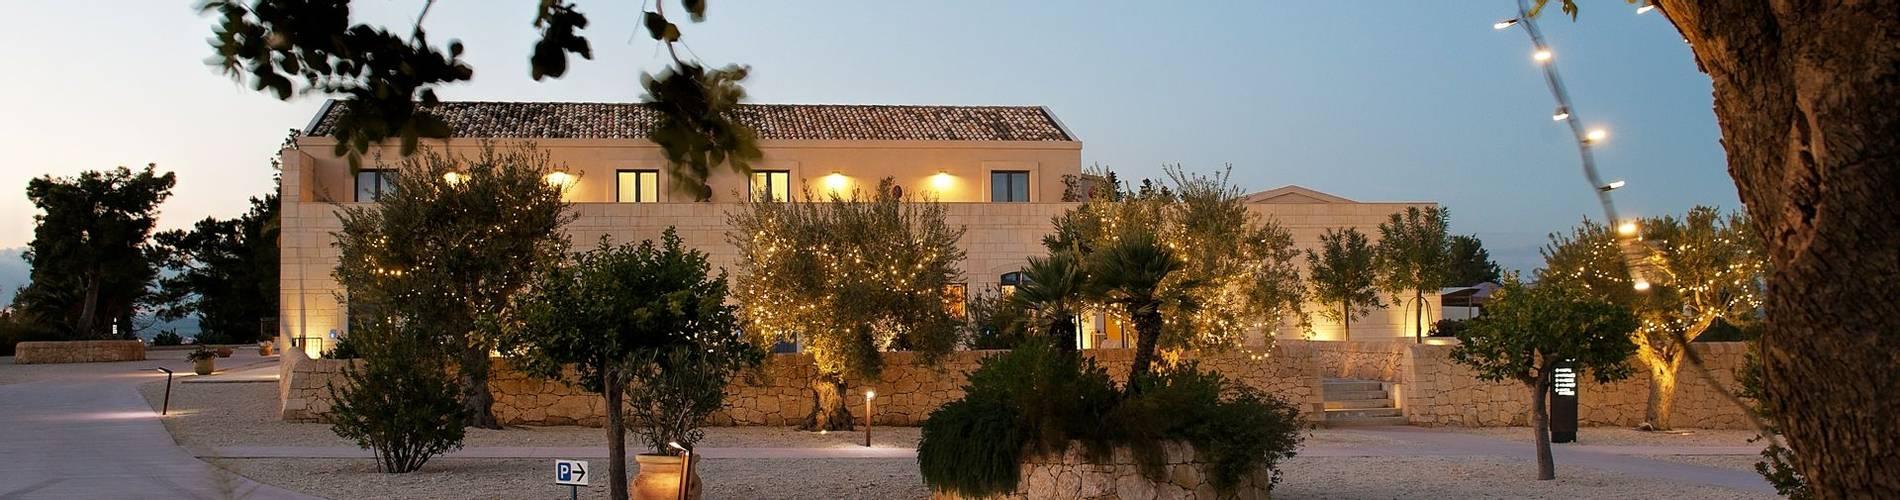 Masseria Della Volpe, Sicily, Italy (17).jpg